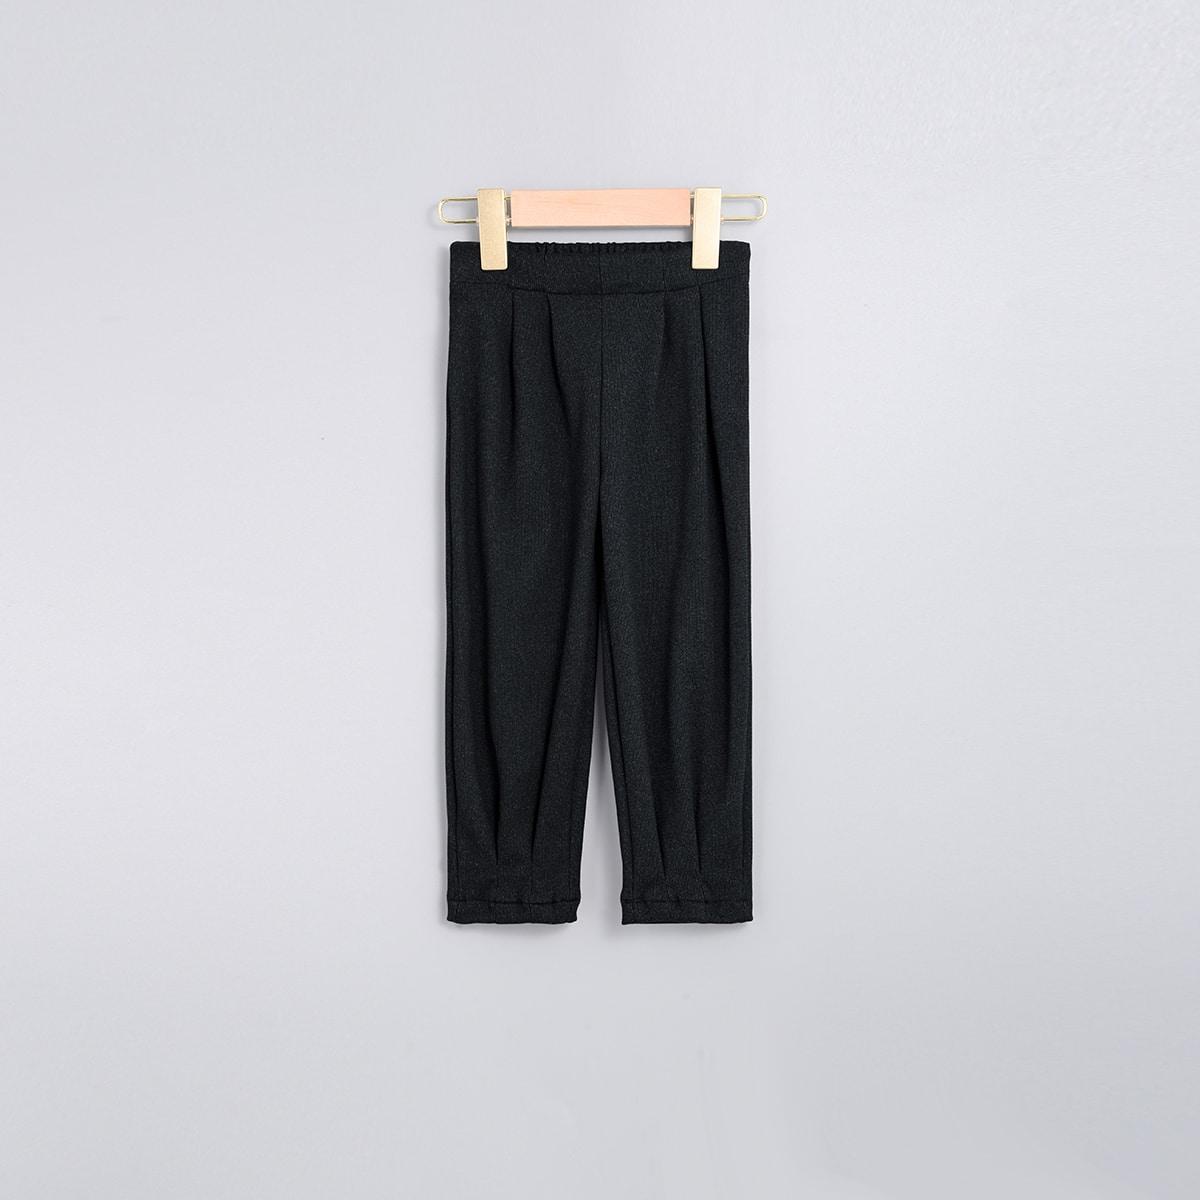 Декоративные складки одноцветный повседневный брюки для маленьких девочек